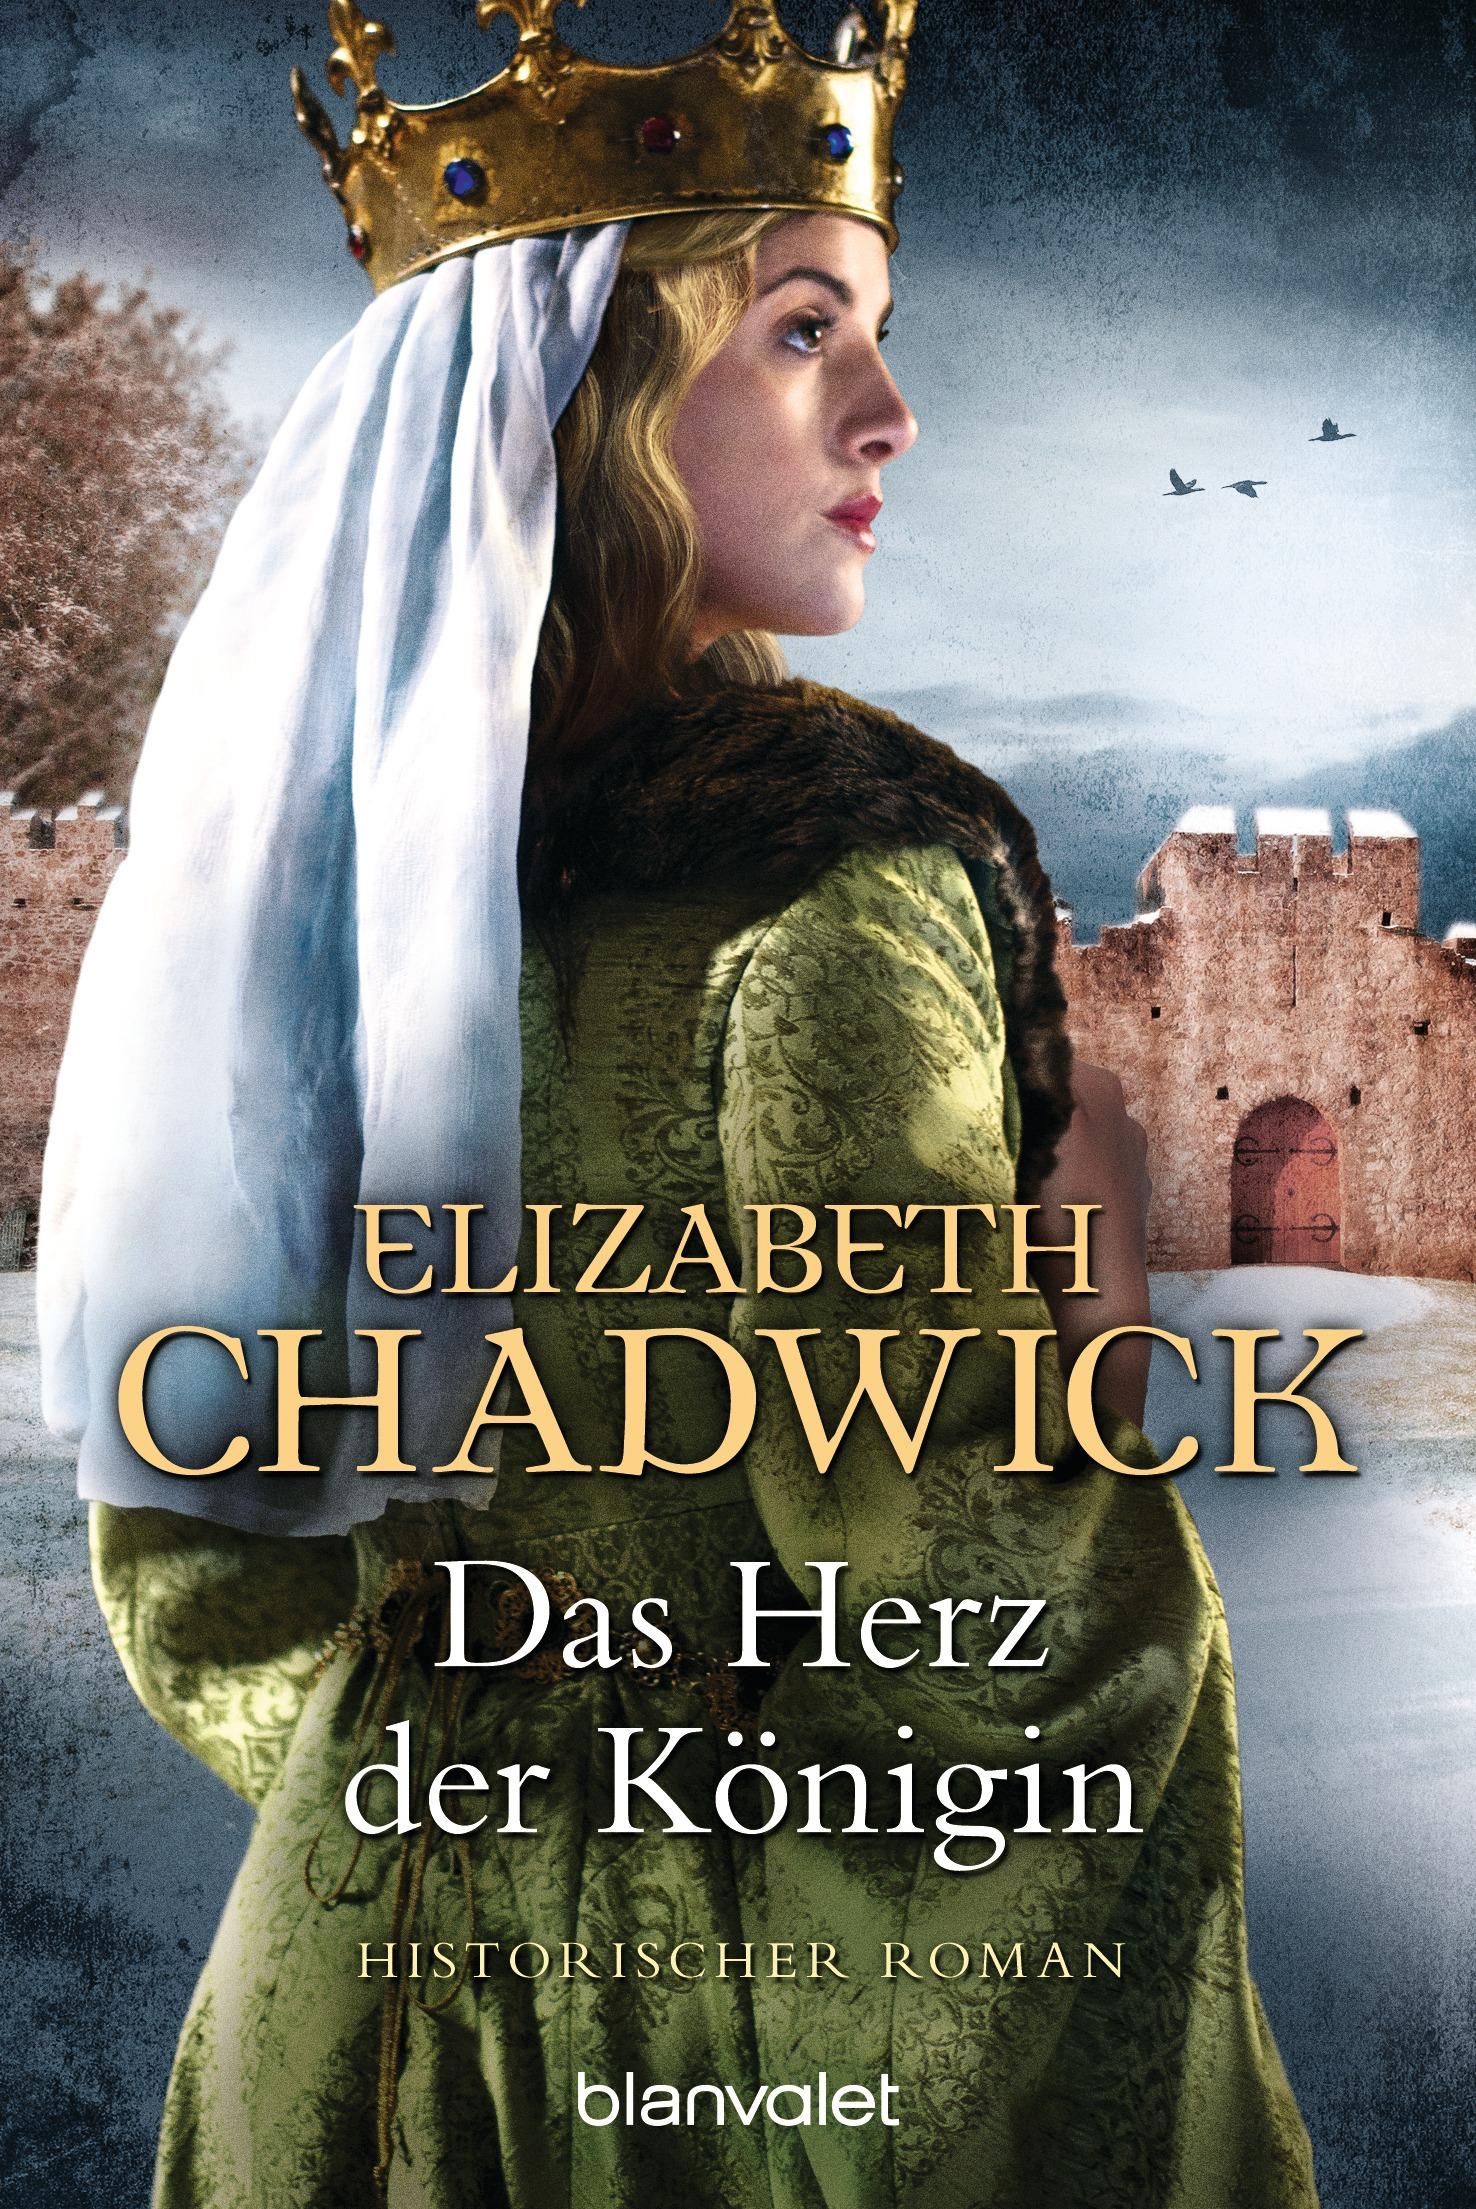 Das Herz der Königin - Elizabeth Chadwick